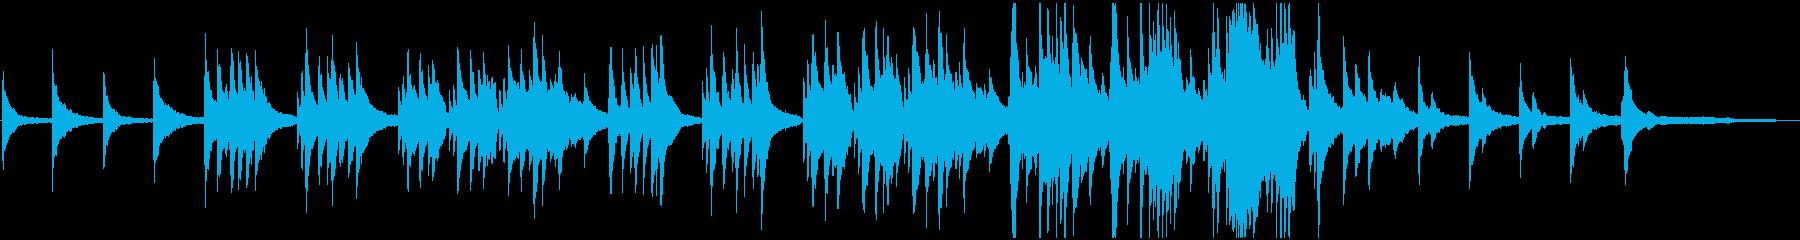 叙情的でノスタルジックなピアノソロの再生済みの波形